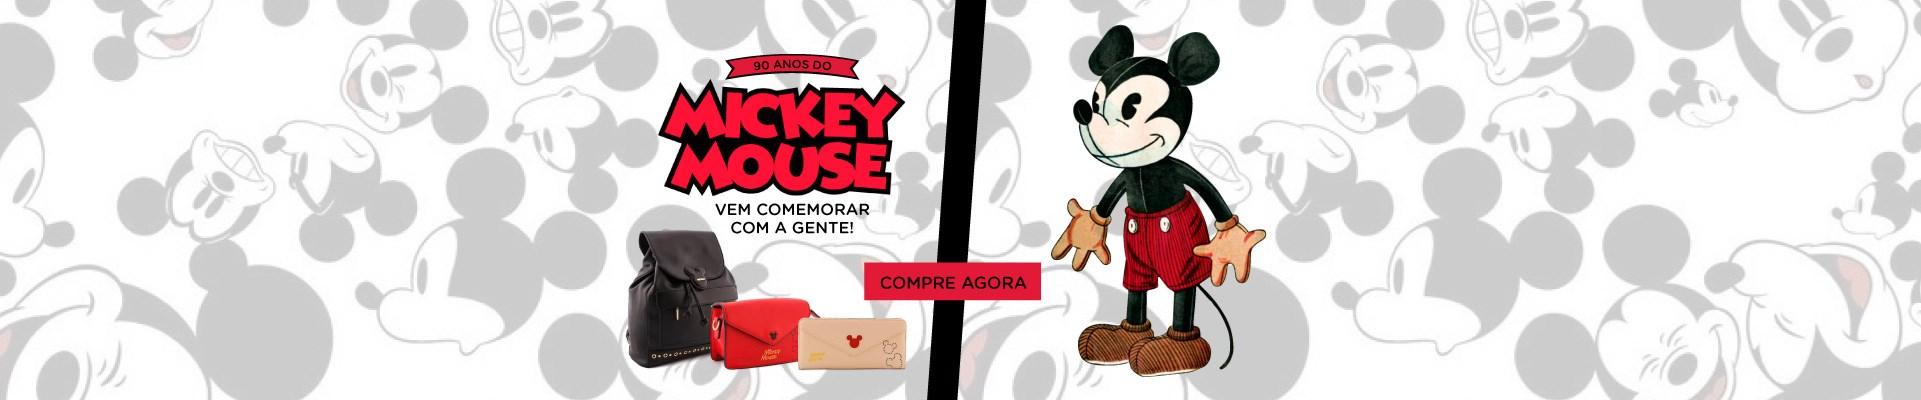 90 anos do Mickey. Venha comemorar com a gente. Confira nossos produtos!